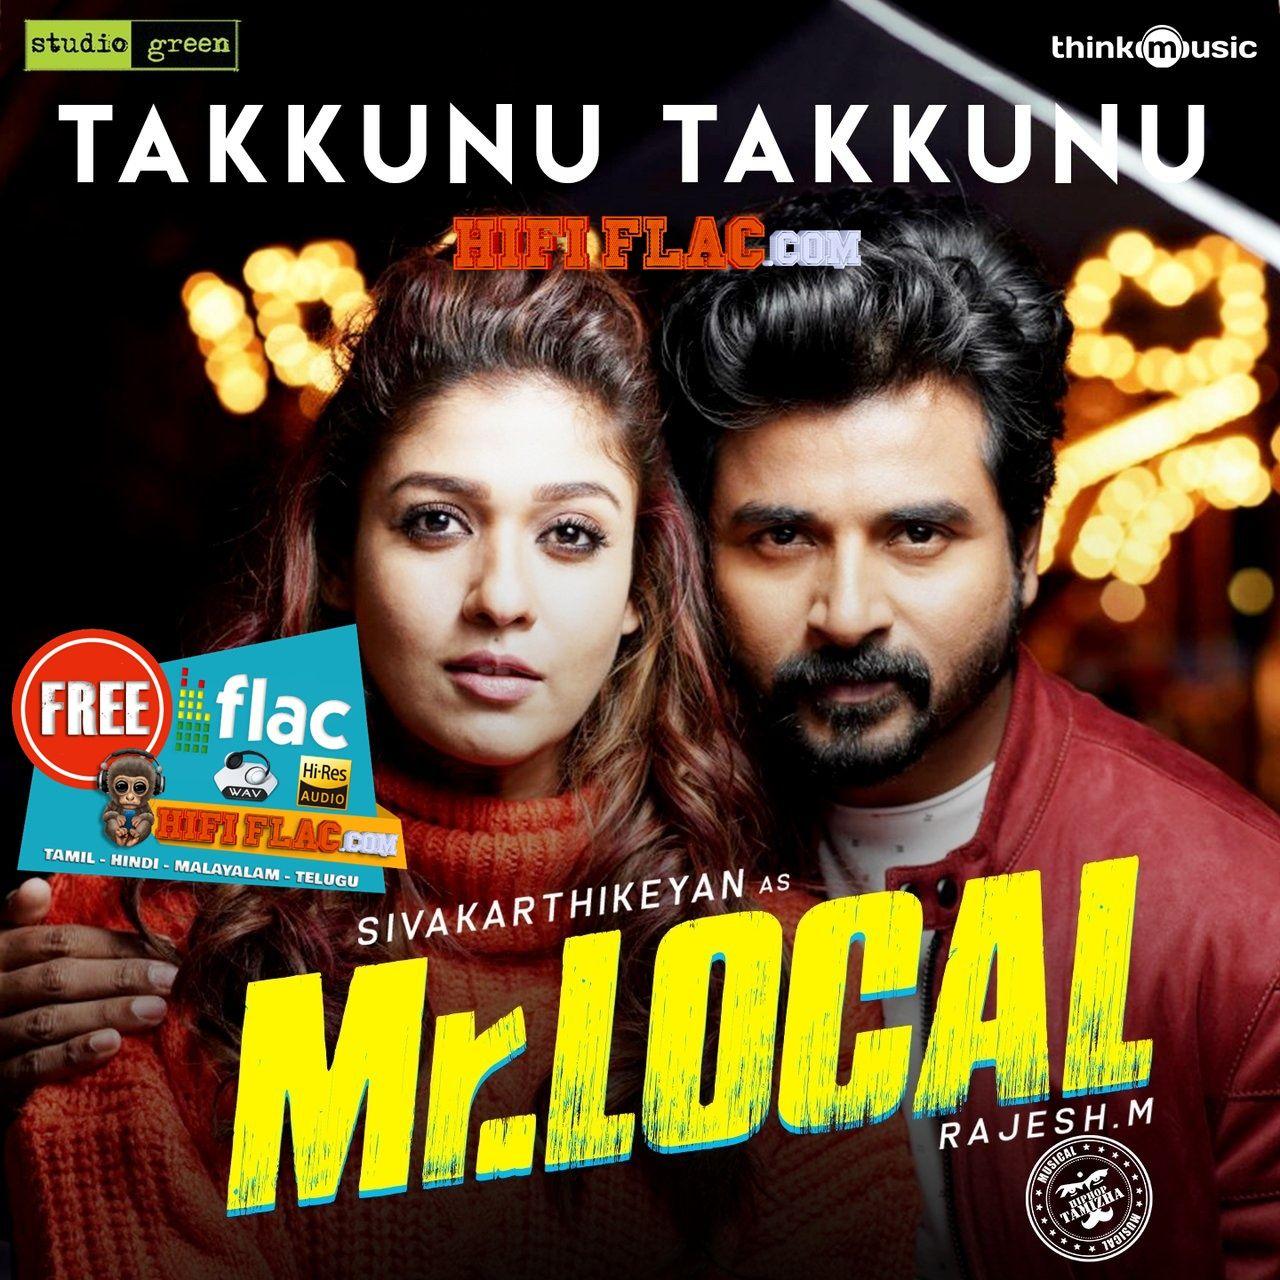 Takkunu Takkunu Mr Local 2019 Tamil Single Digitalrip Flac